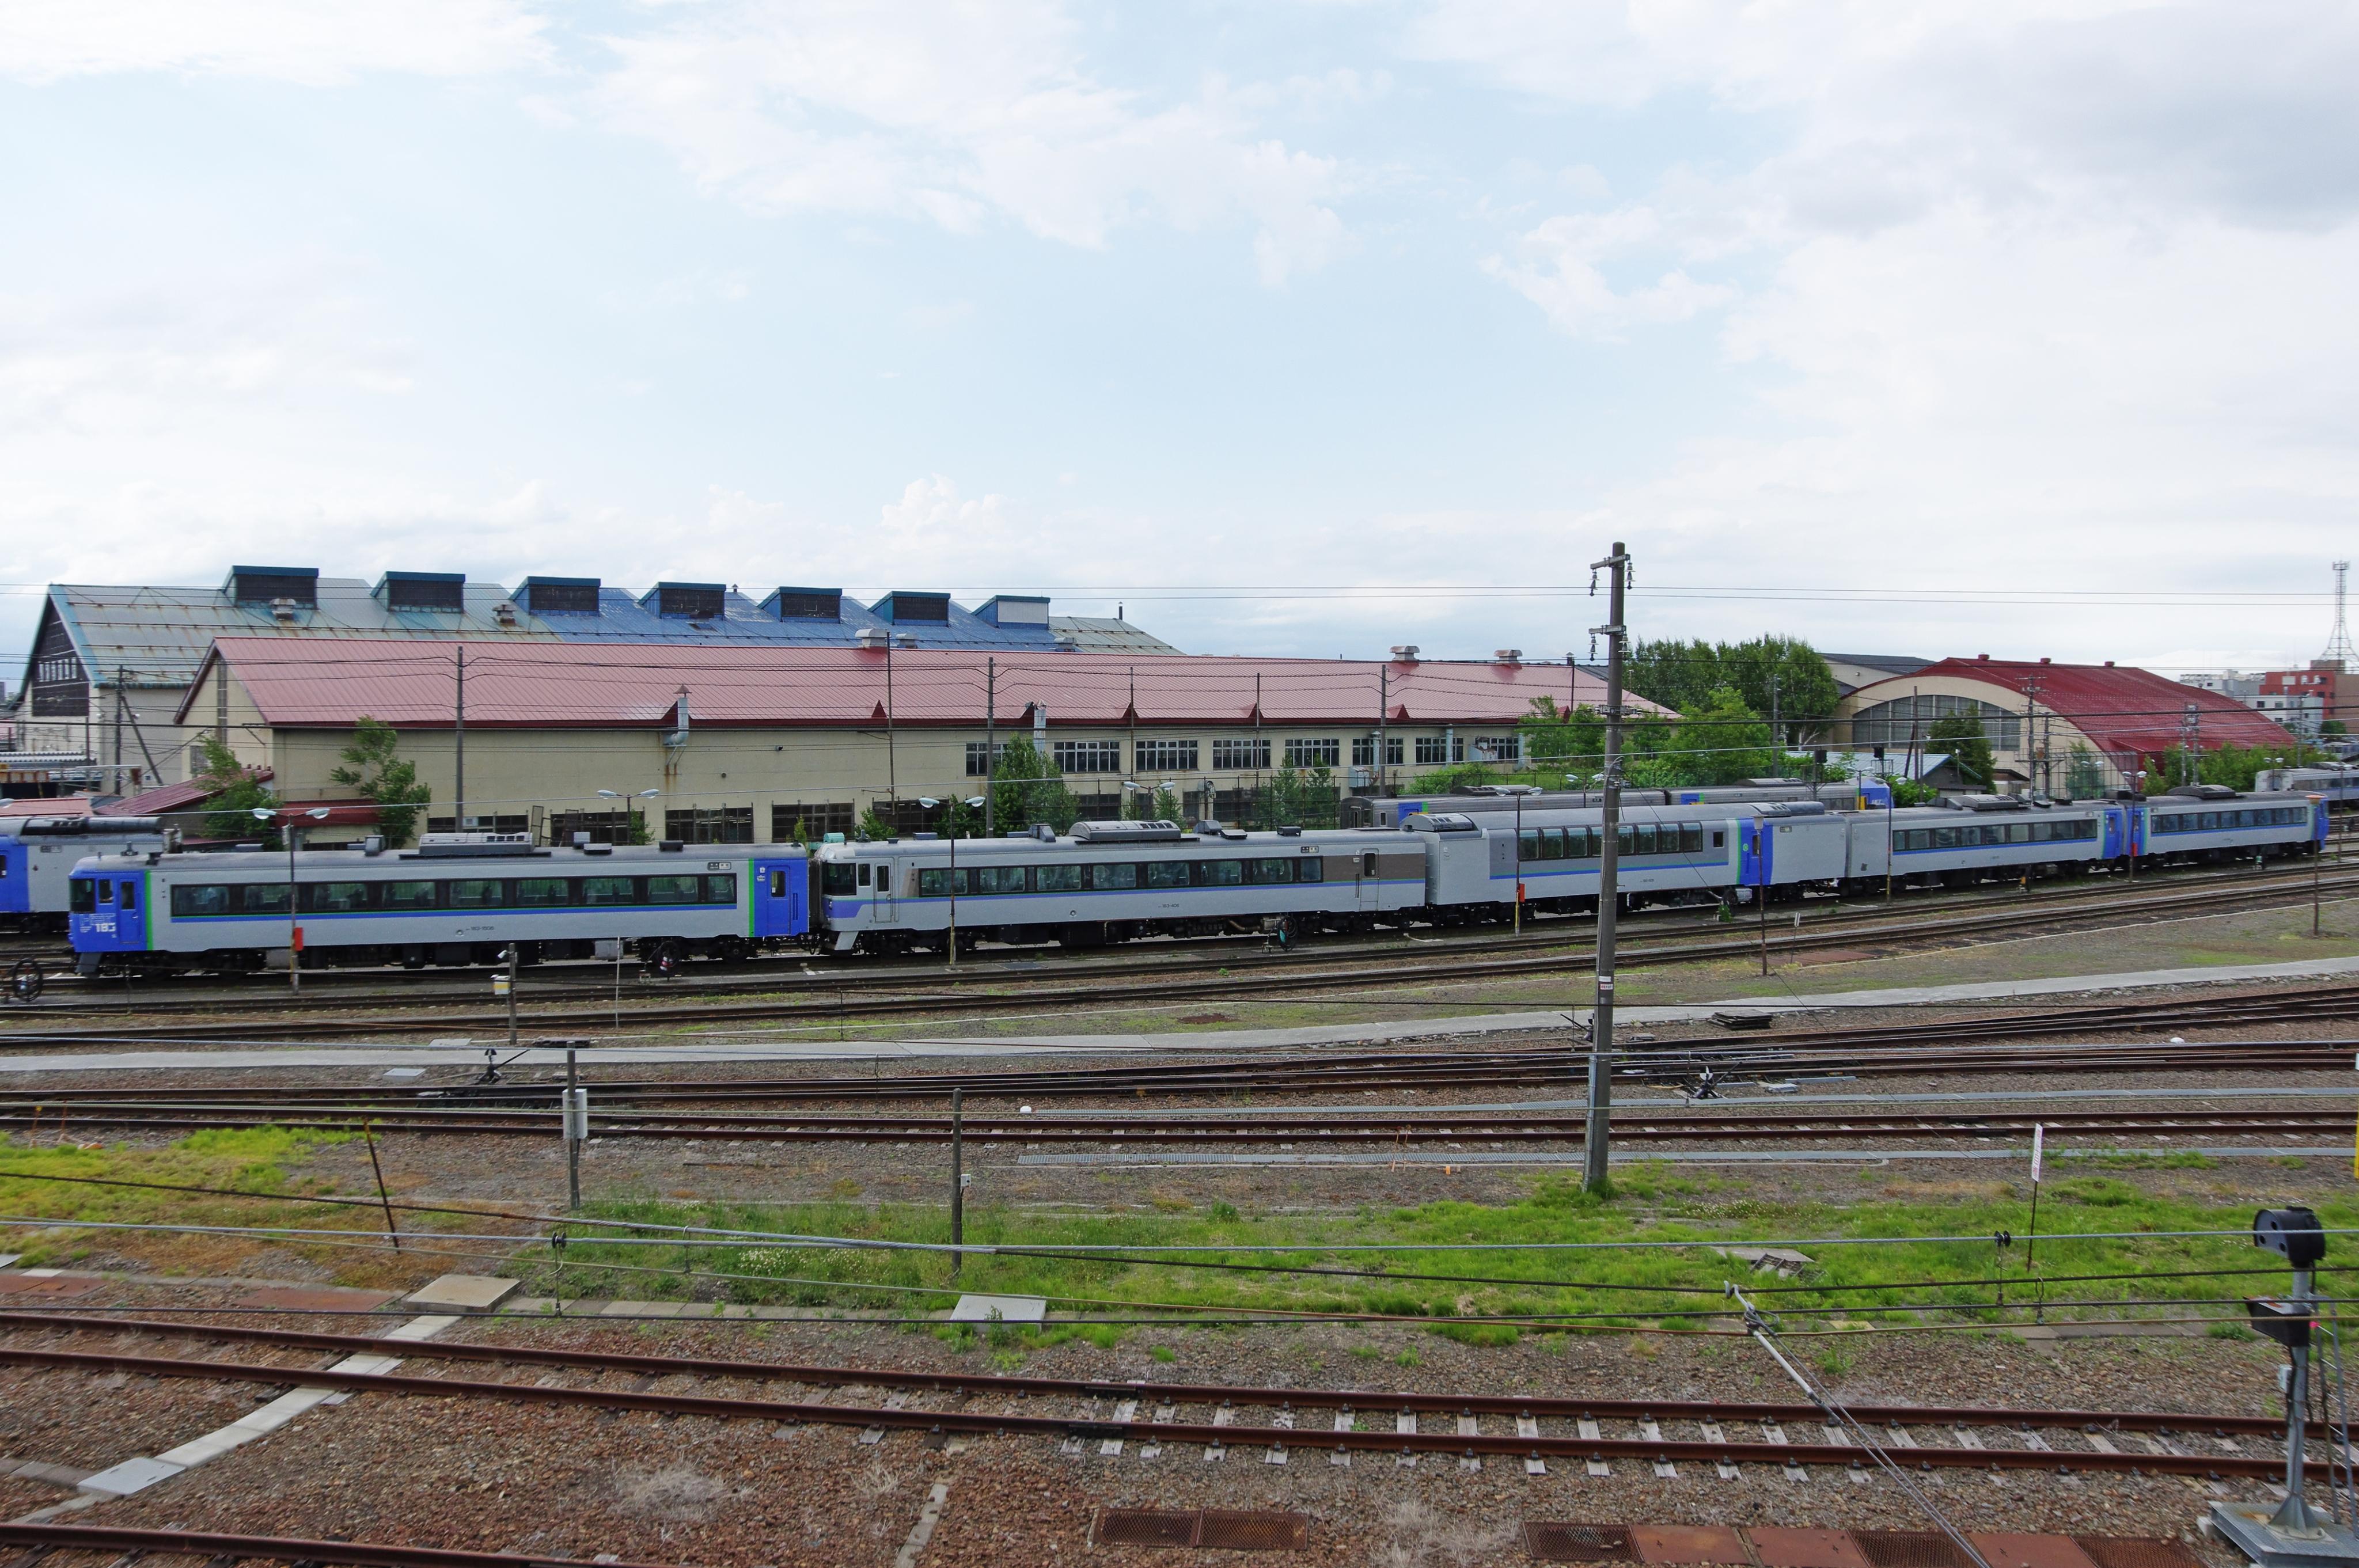 苗穂駅 キハ183-406込特急オホーツク_180621.jpg